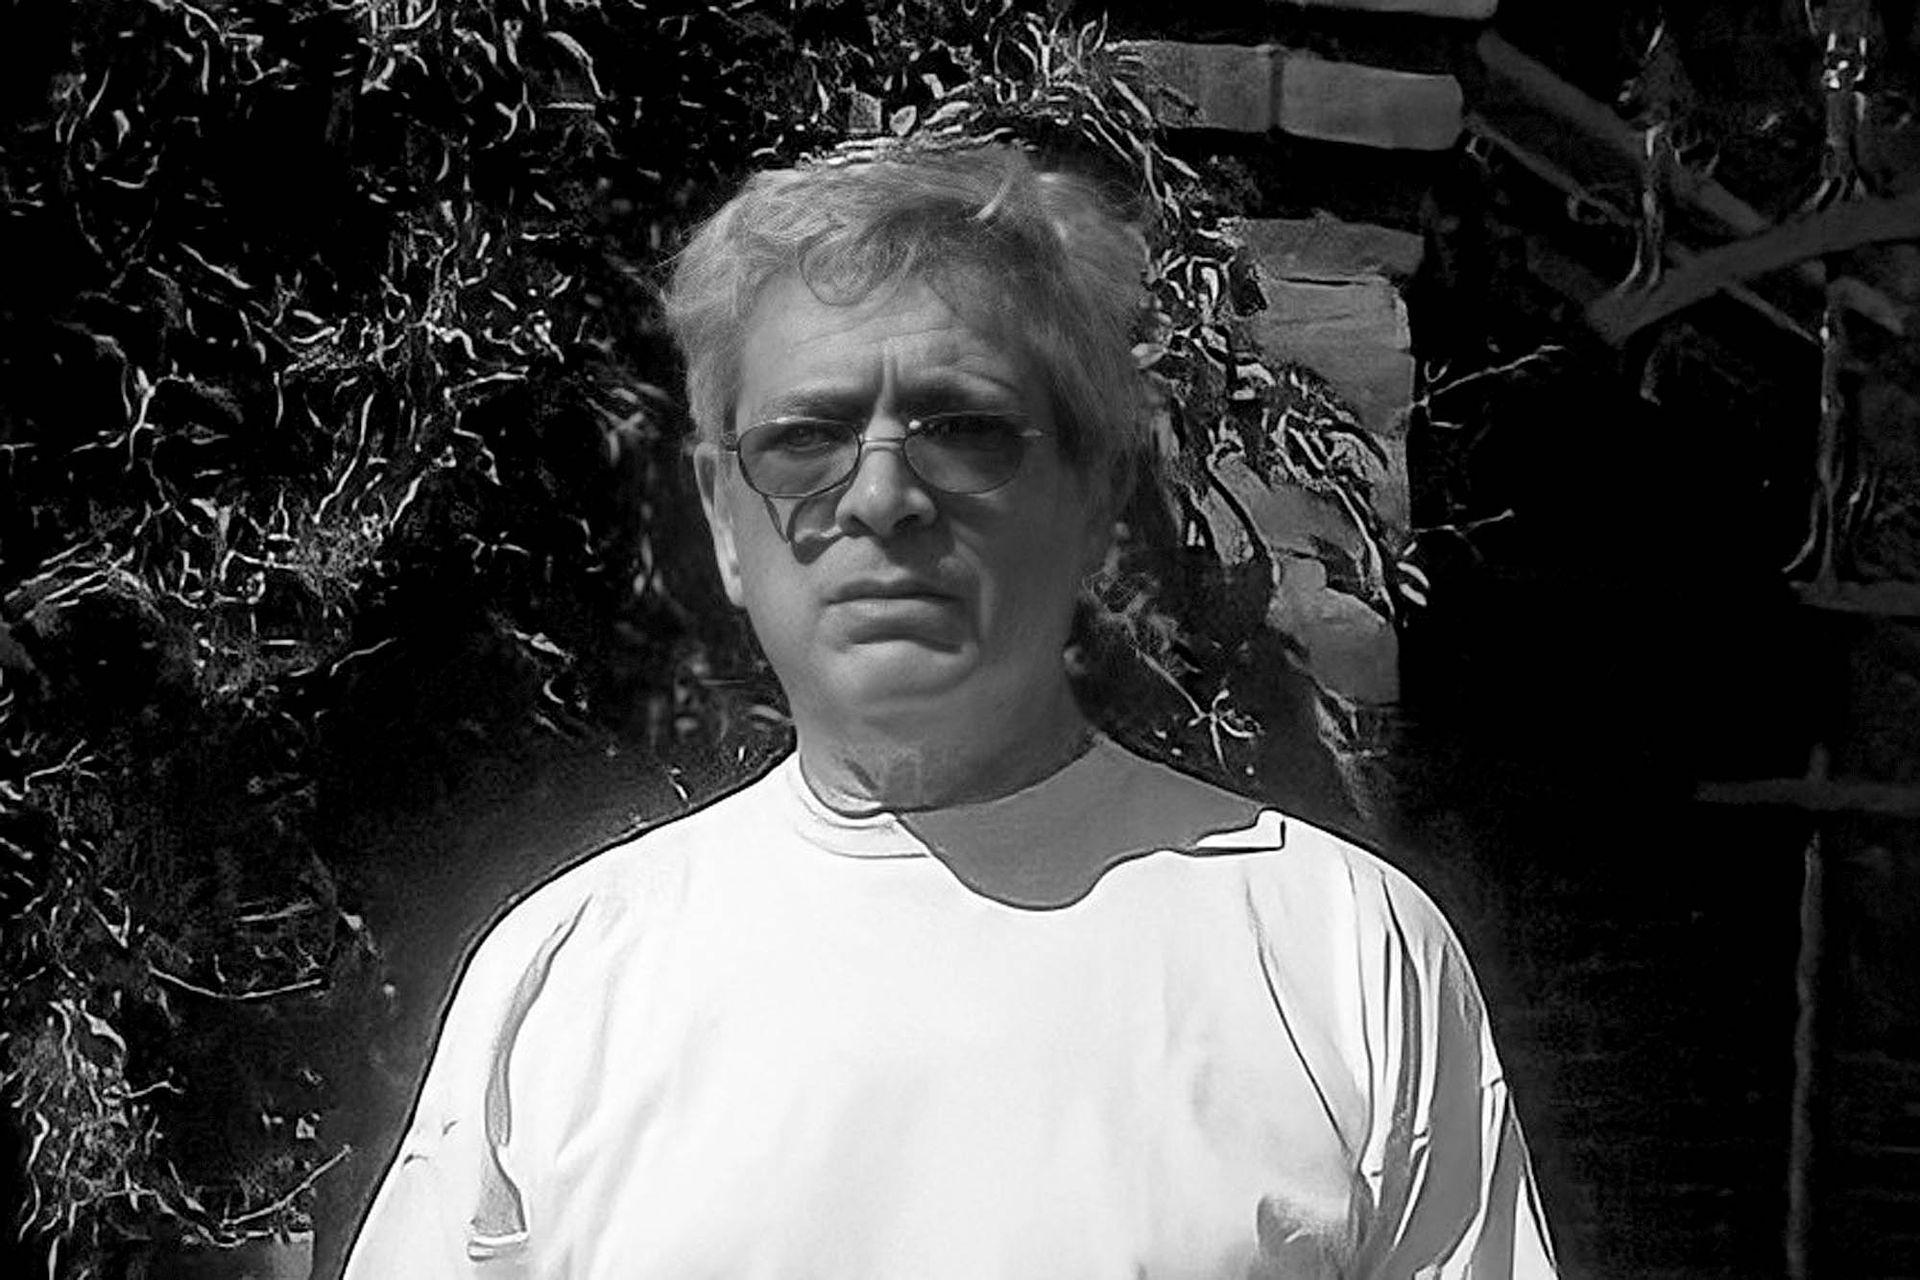 Hugo Asencio